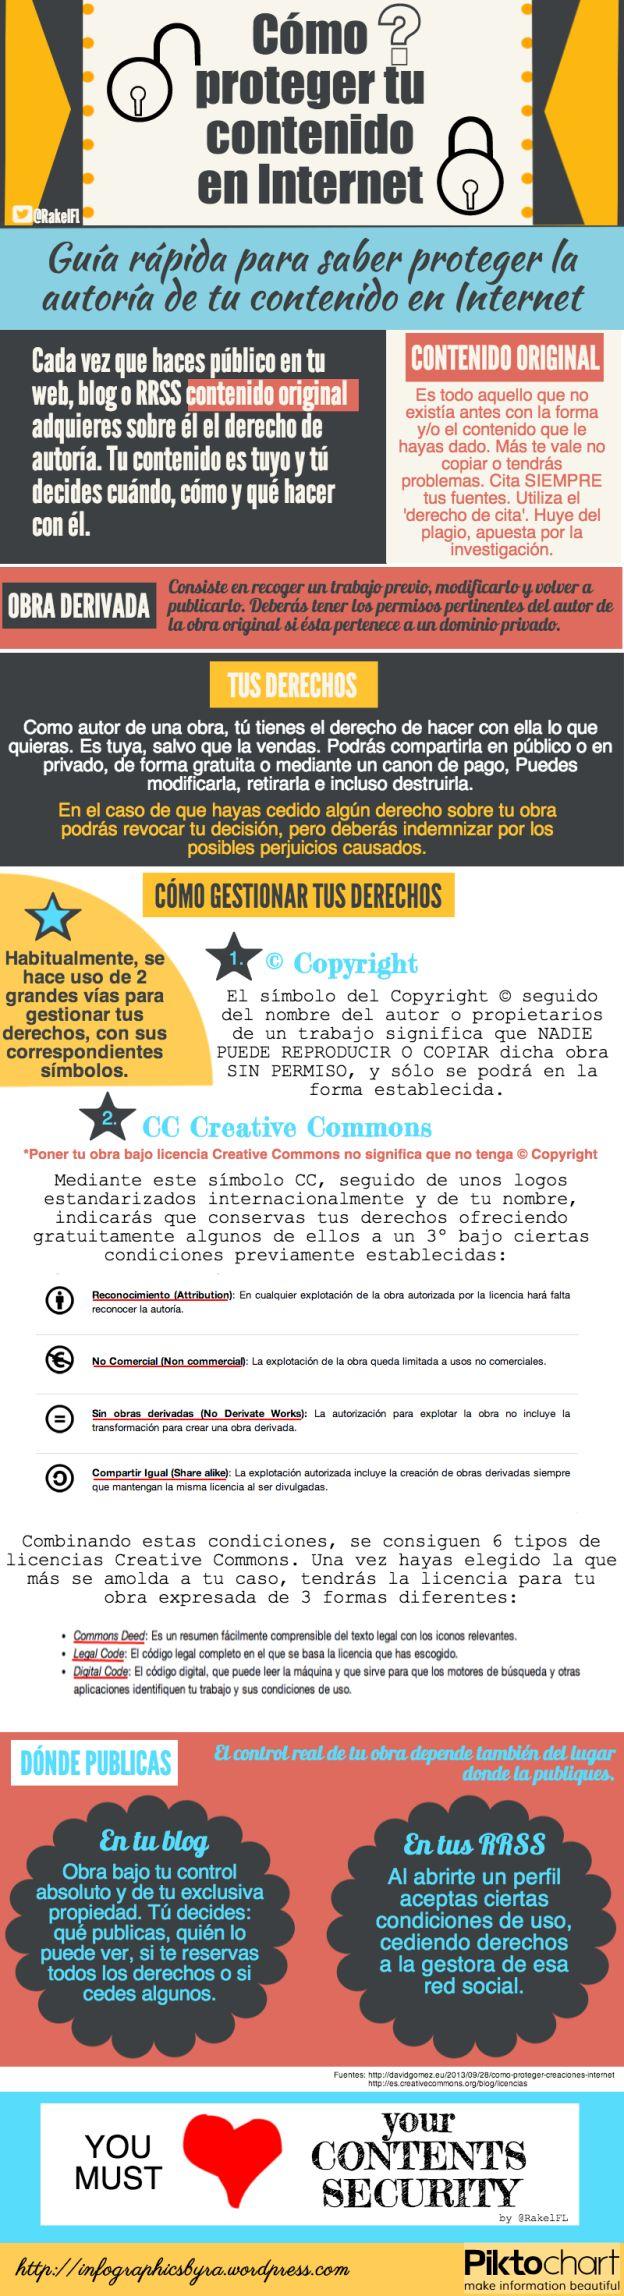 Cómo proteger tu contenido en Internet #infografia